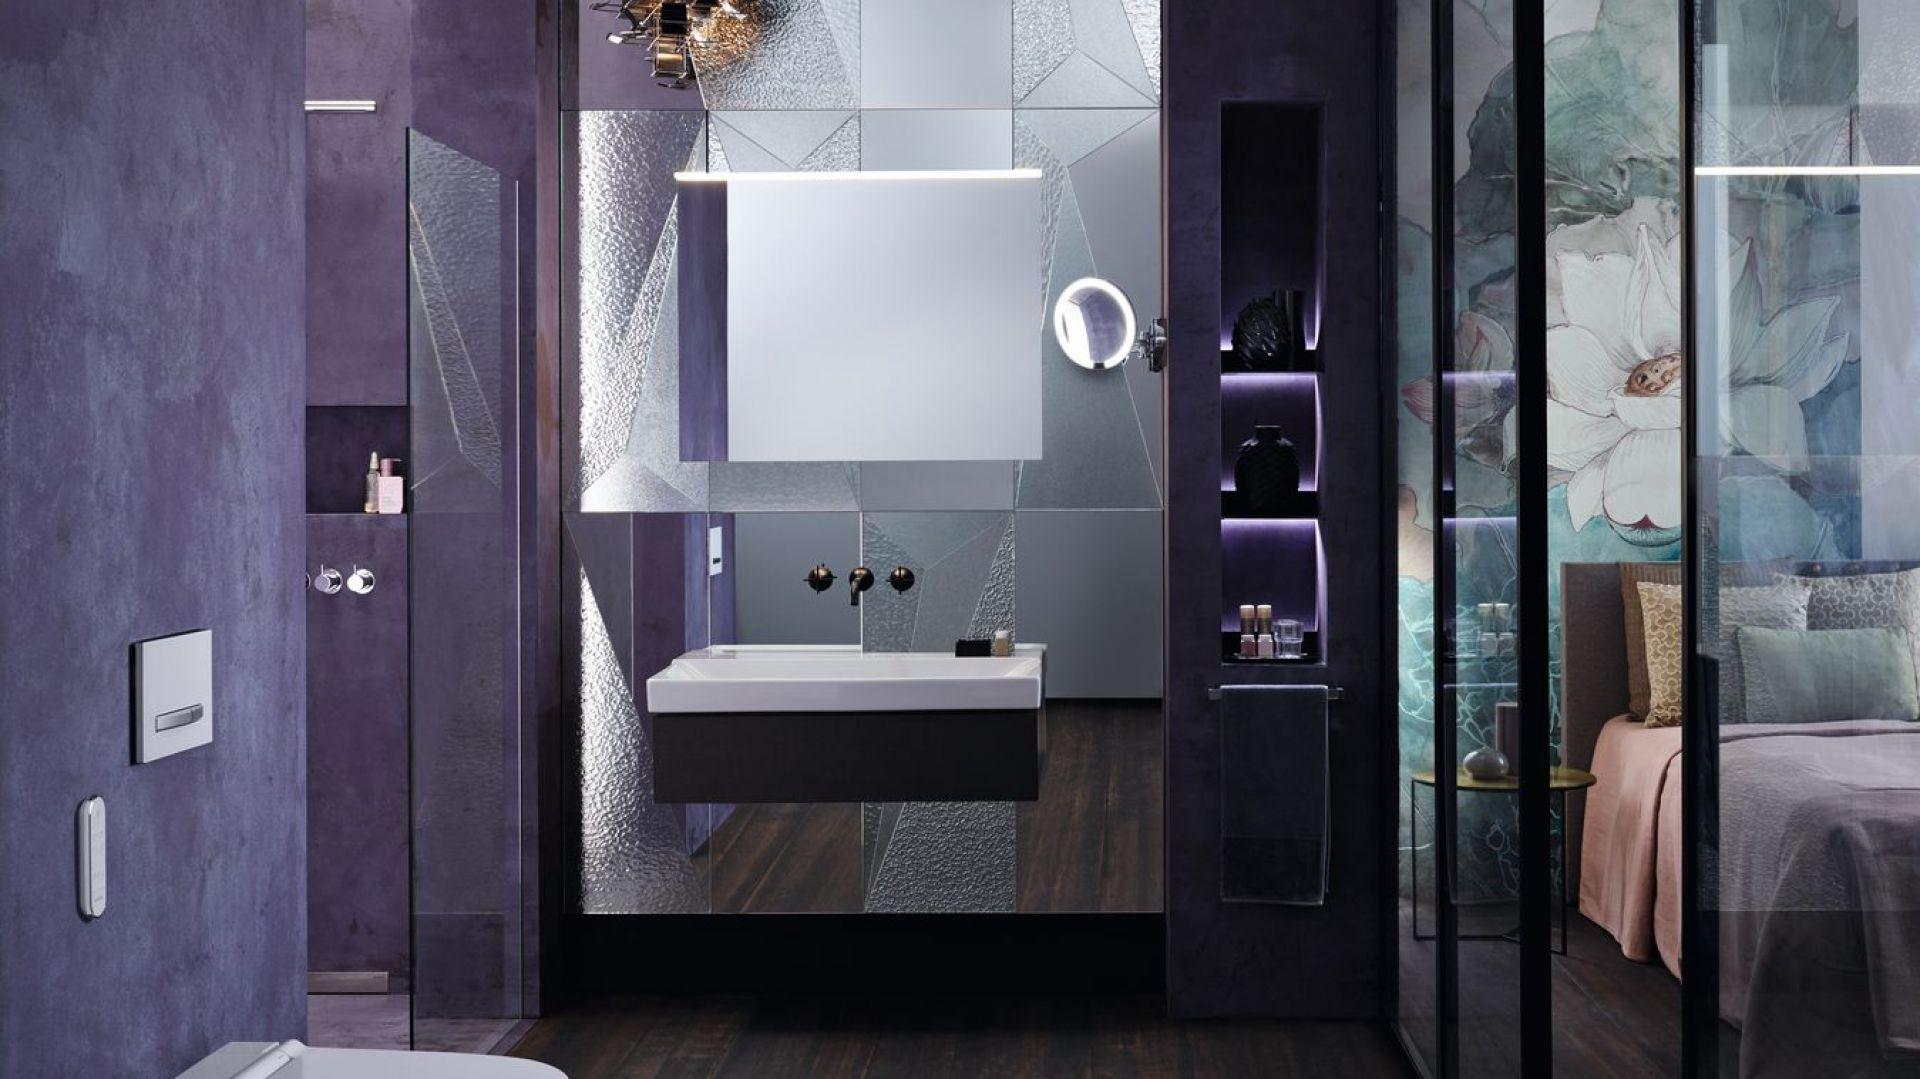 Ogromną zaletą elektronicznych systemów sterowania do WC i pisuarów Geberit jest ich spójność wzornicza.Fot. Geberit AquaClean